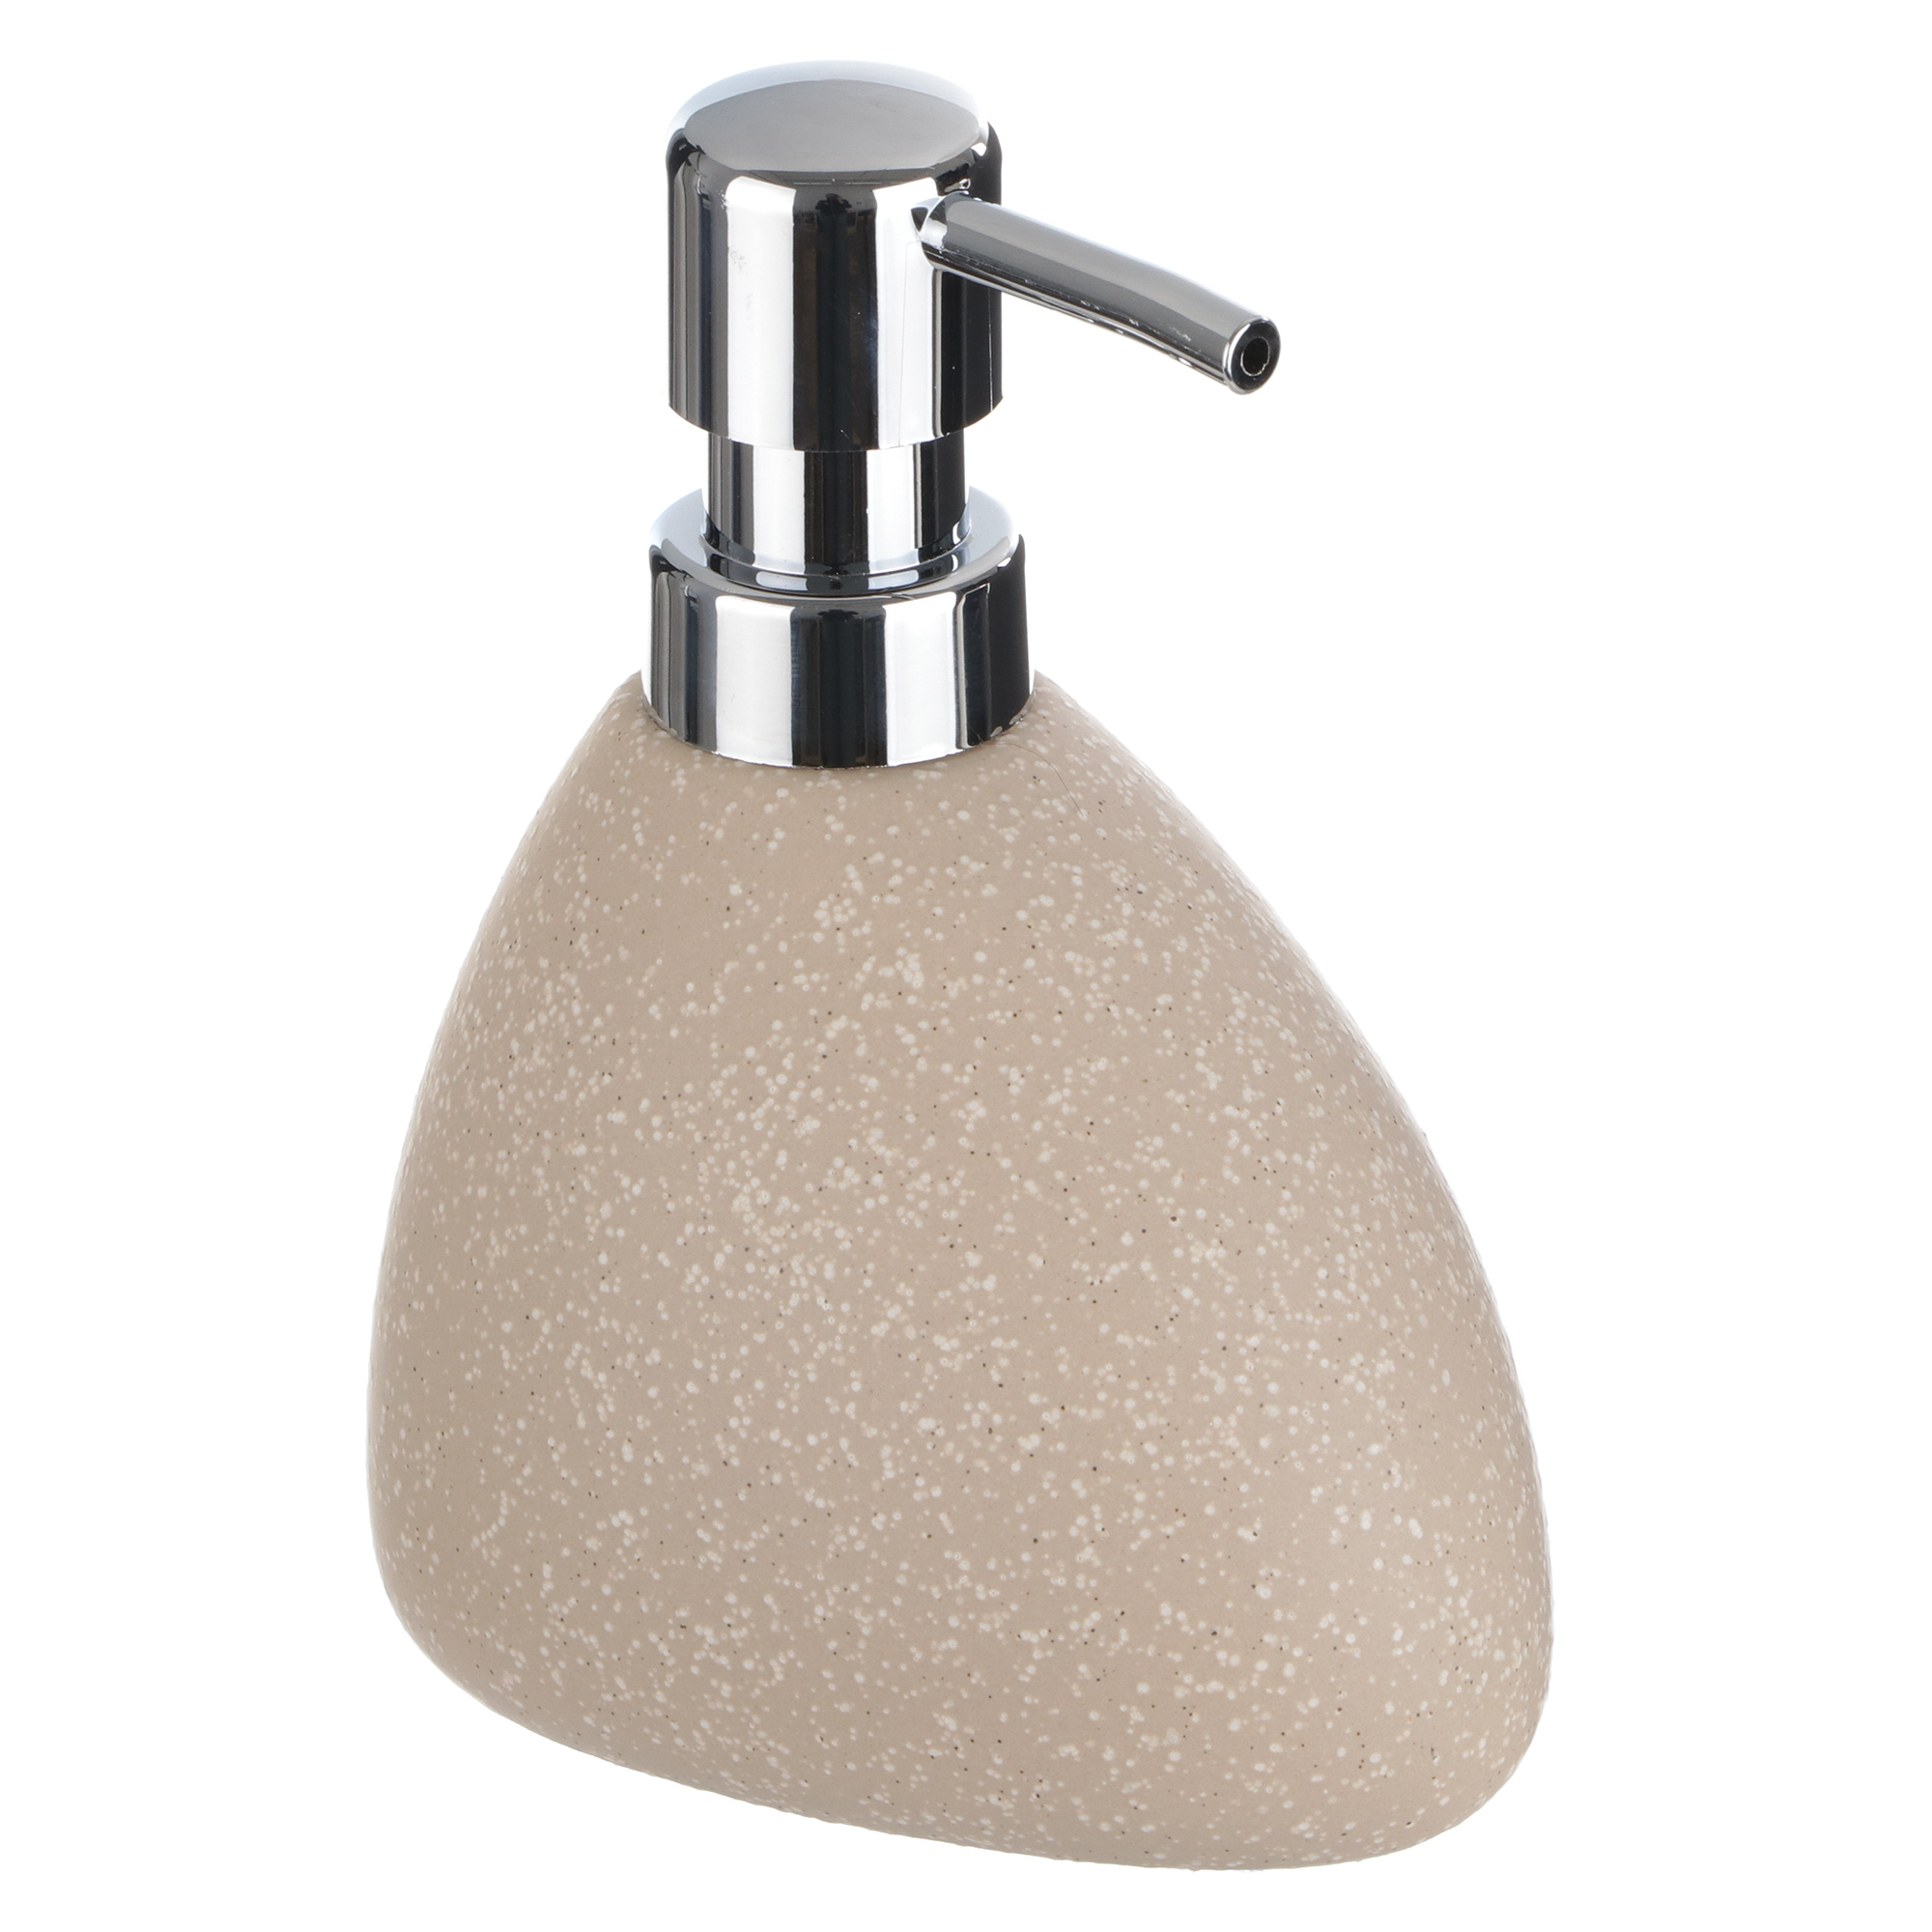 Дозатор для мыла Wenko sanitary pion бежевый дозатор для мыла wenko sanitary goa бежевый